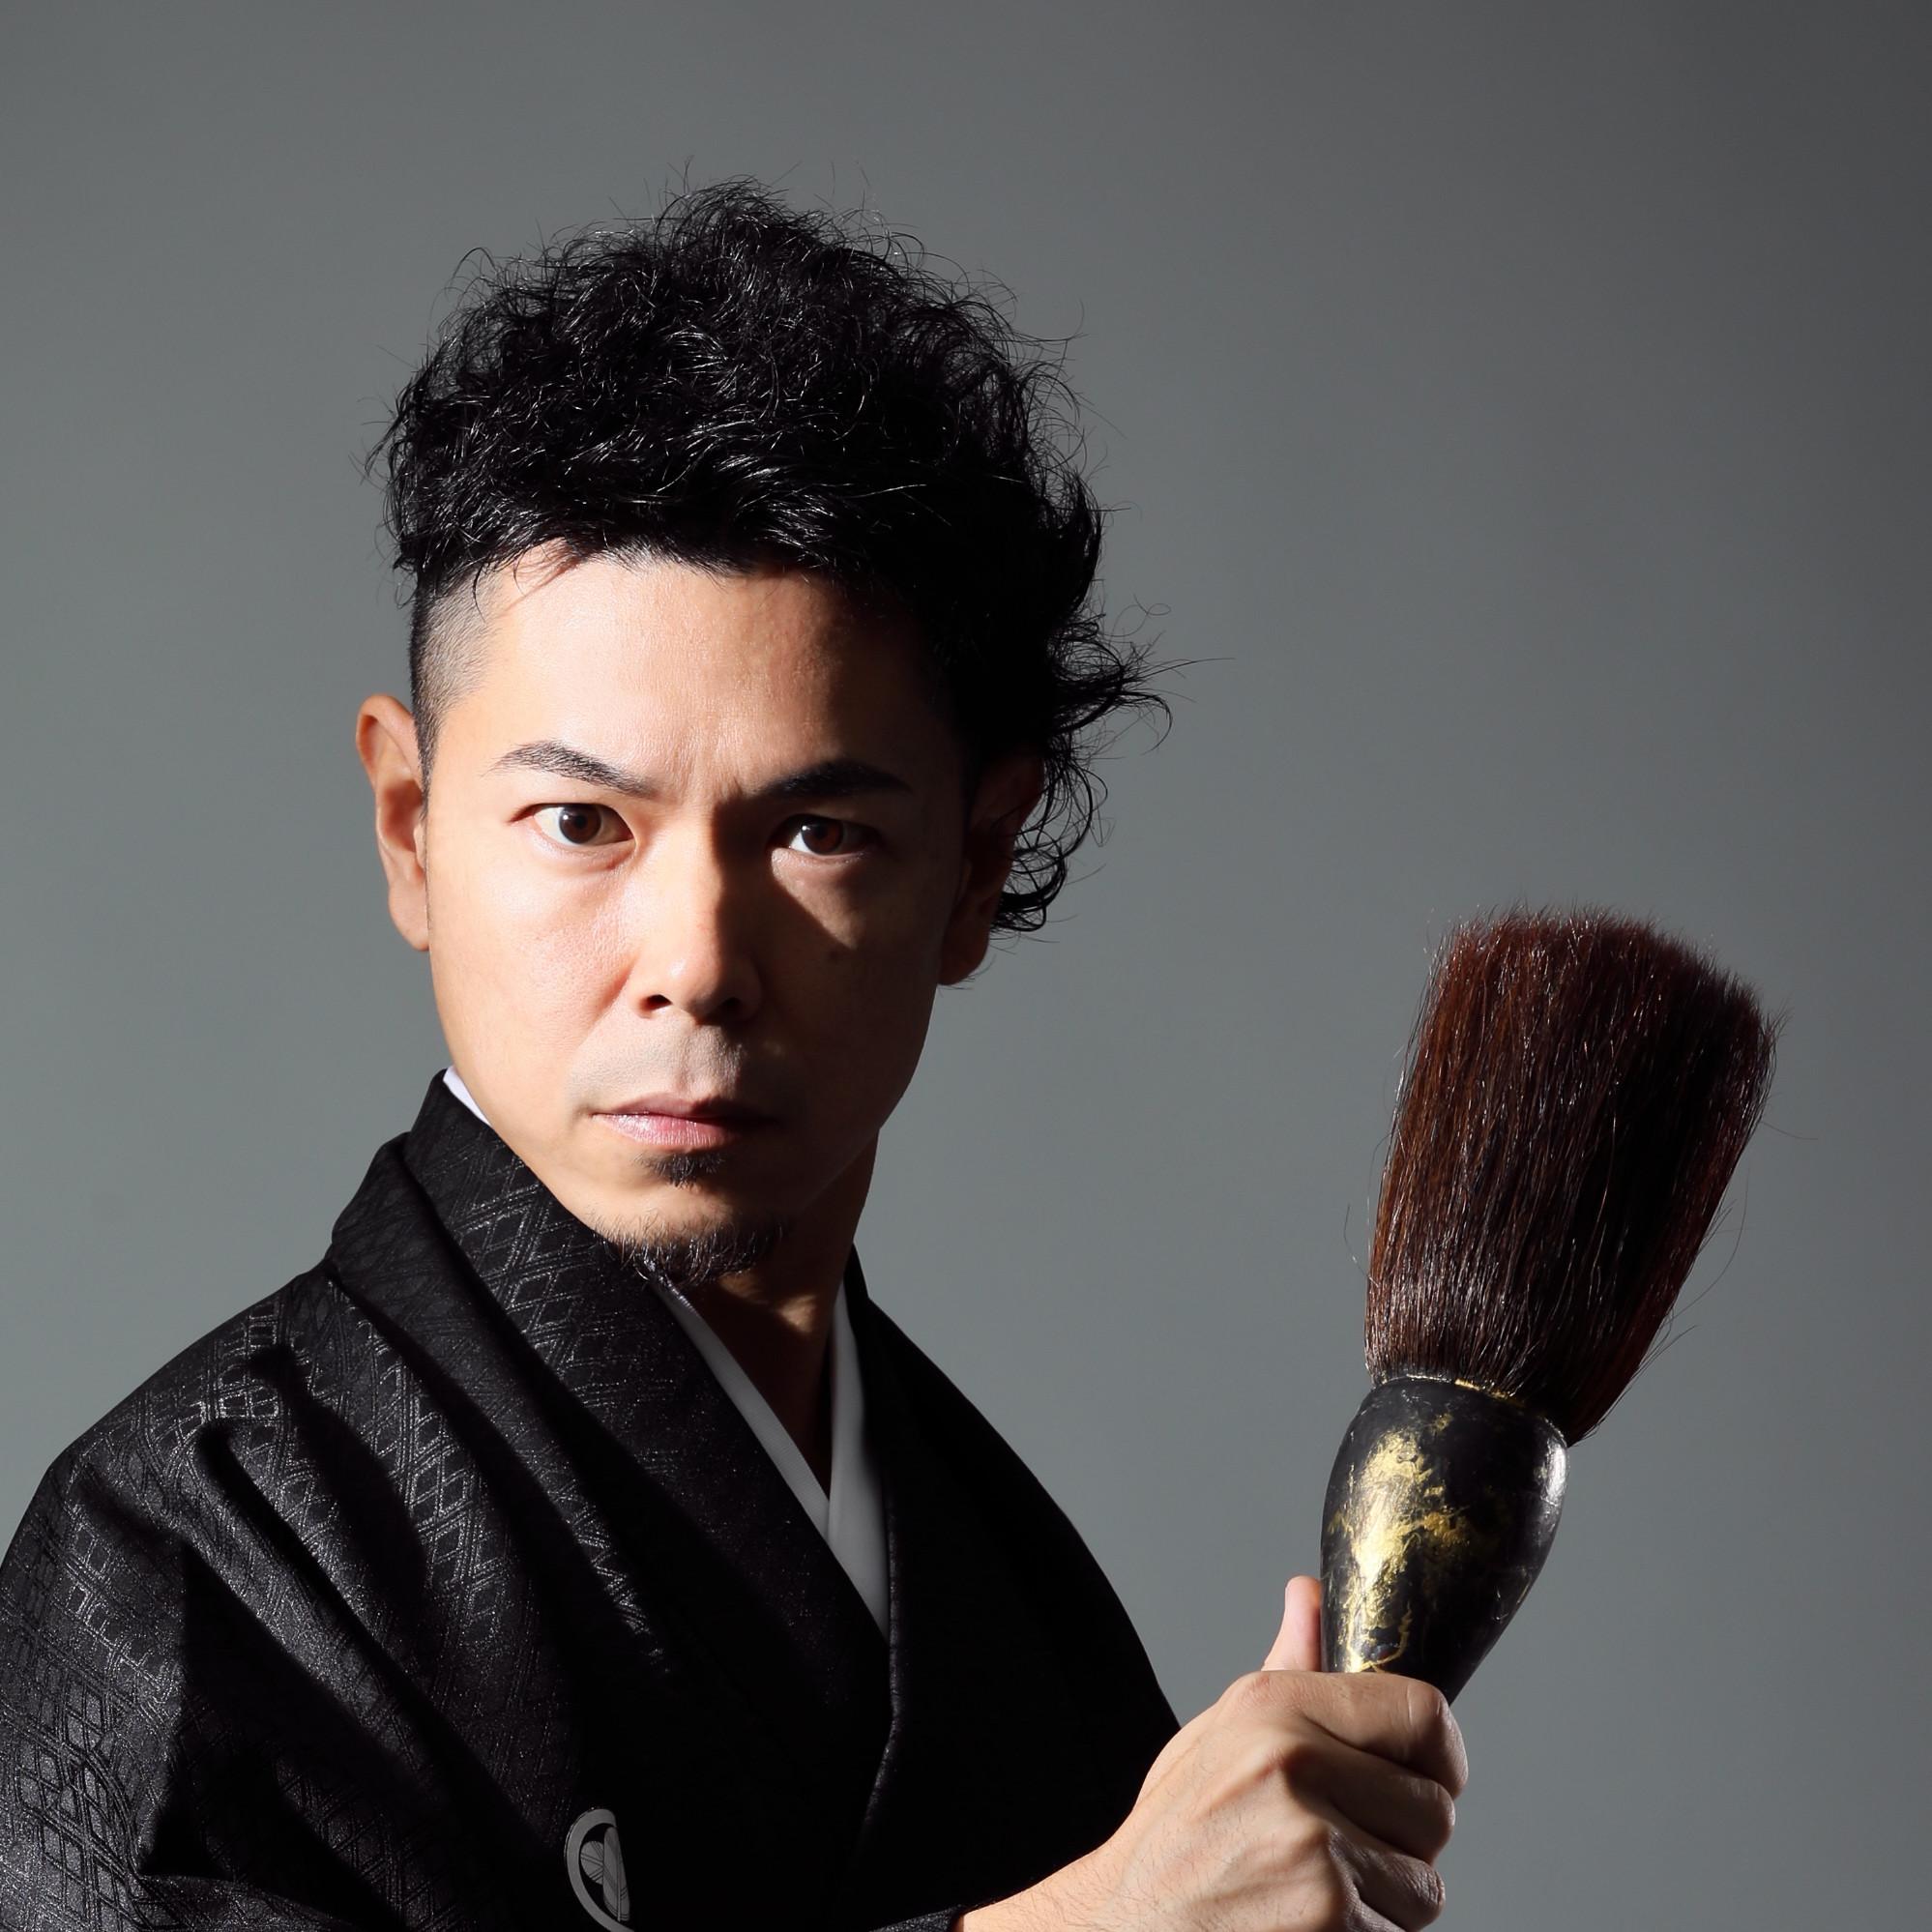 プロフィール 写真 東京オリンピック  パフォーマンス と 大河ドラマ が 夢 有名 日本一 になりたい